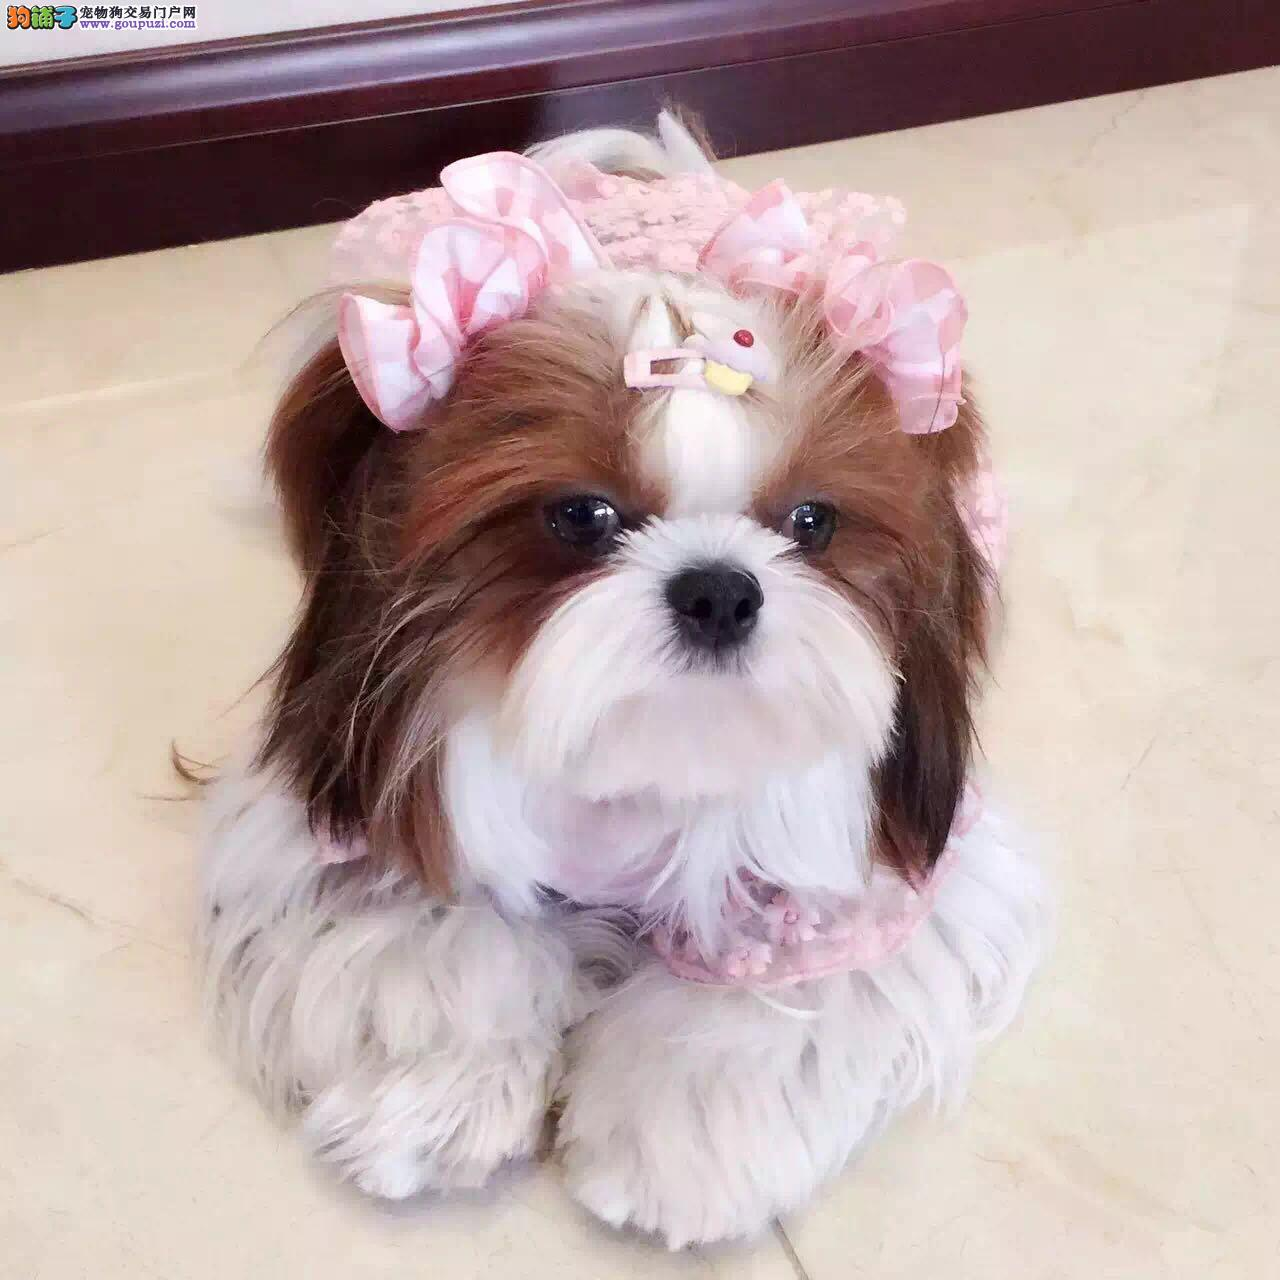 多种颜色的赛级西施犬幼犬寻找主人诚信信誉为本